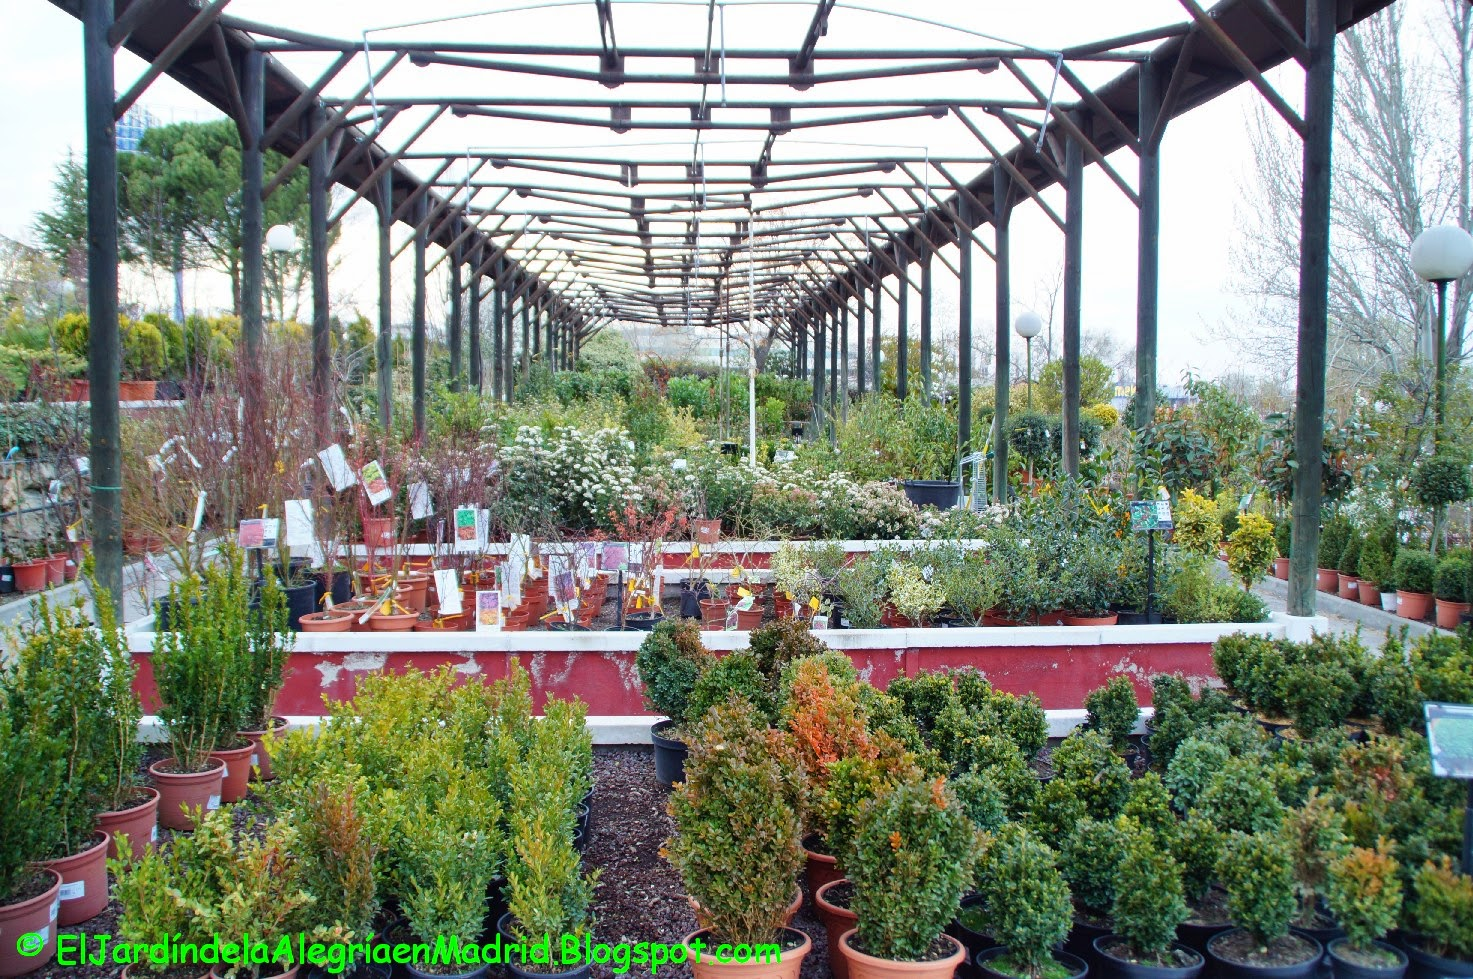 El jard n de la alegr a los pe otes un gran centro de - Viveros plantas madrid ...